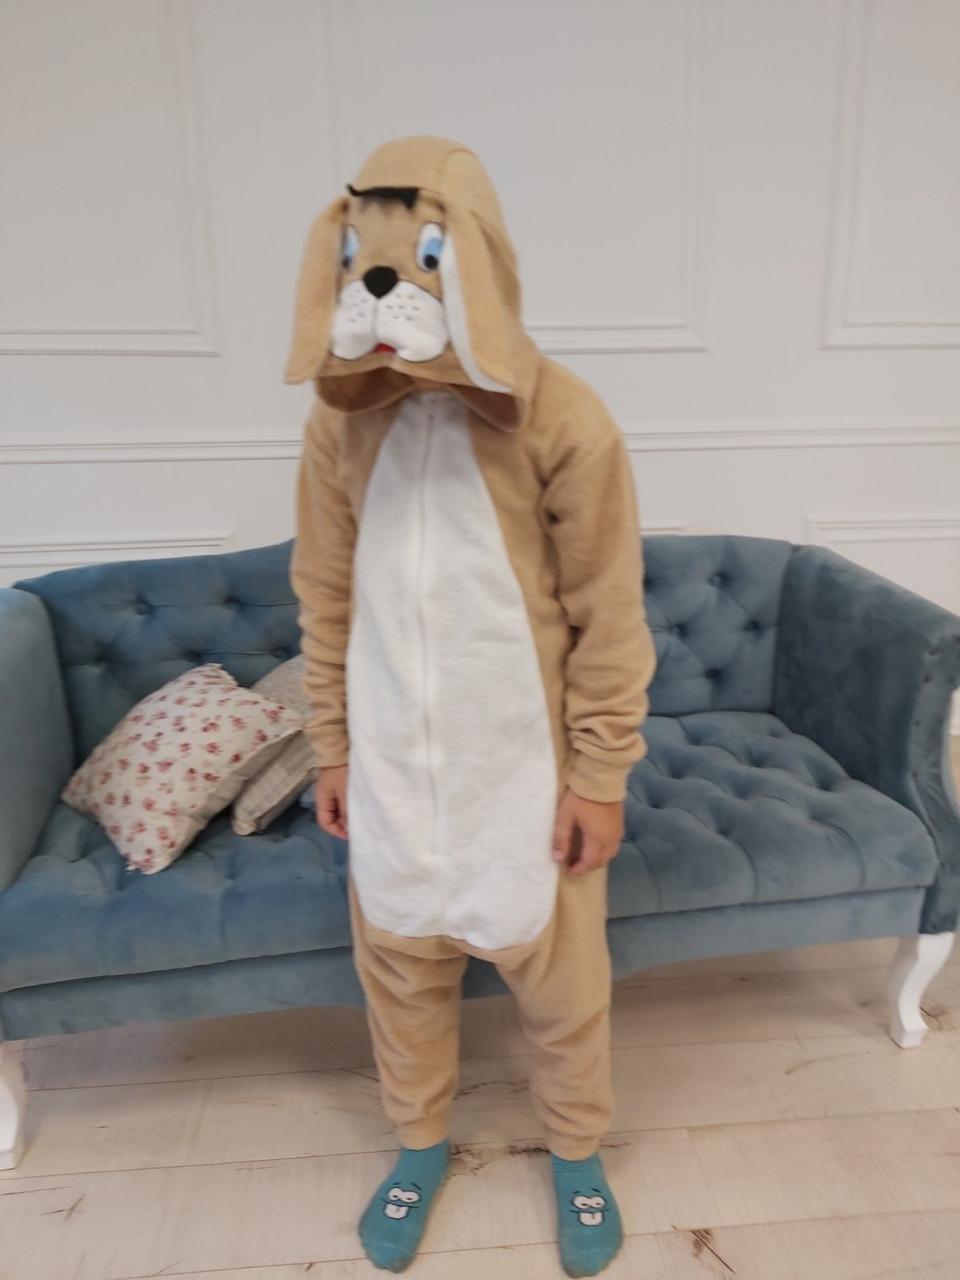 Пижама Кигуруми Песик для детей и взрослых от Украинского производителя Размер 110-128 см